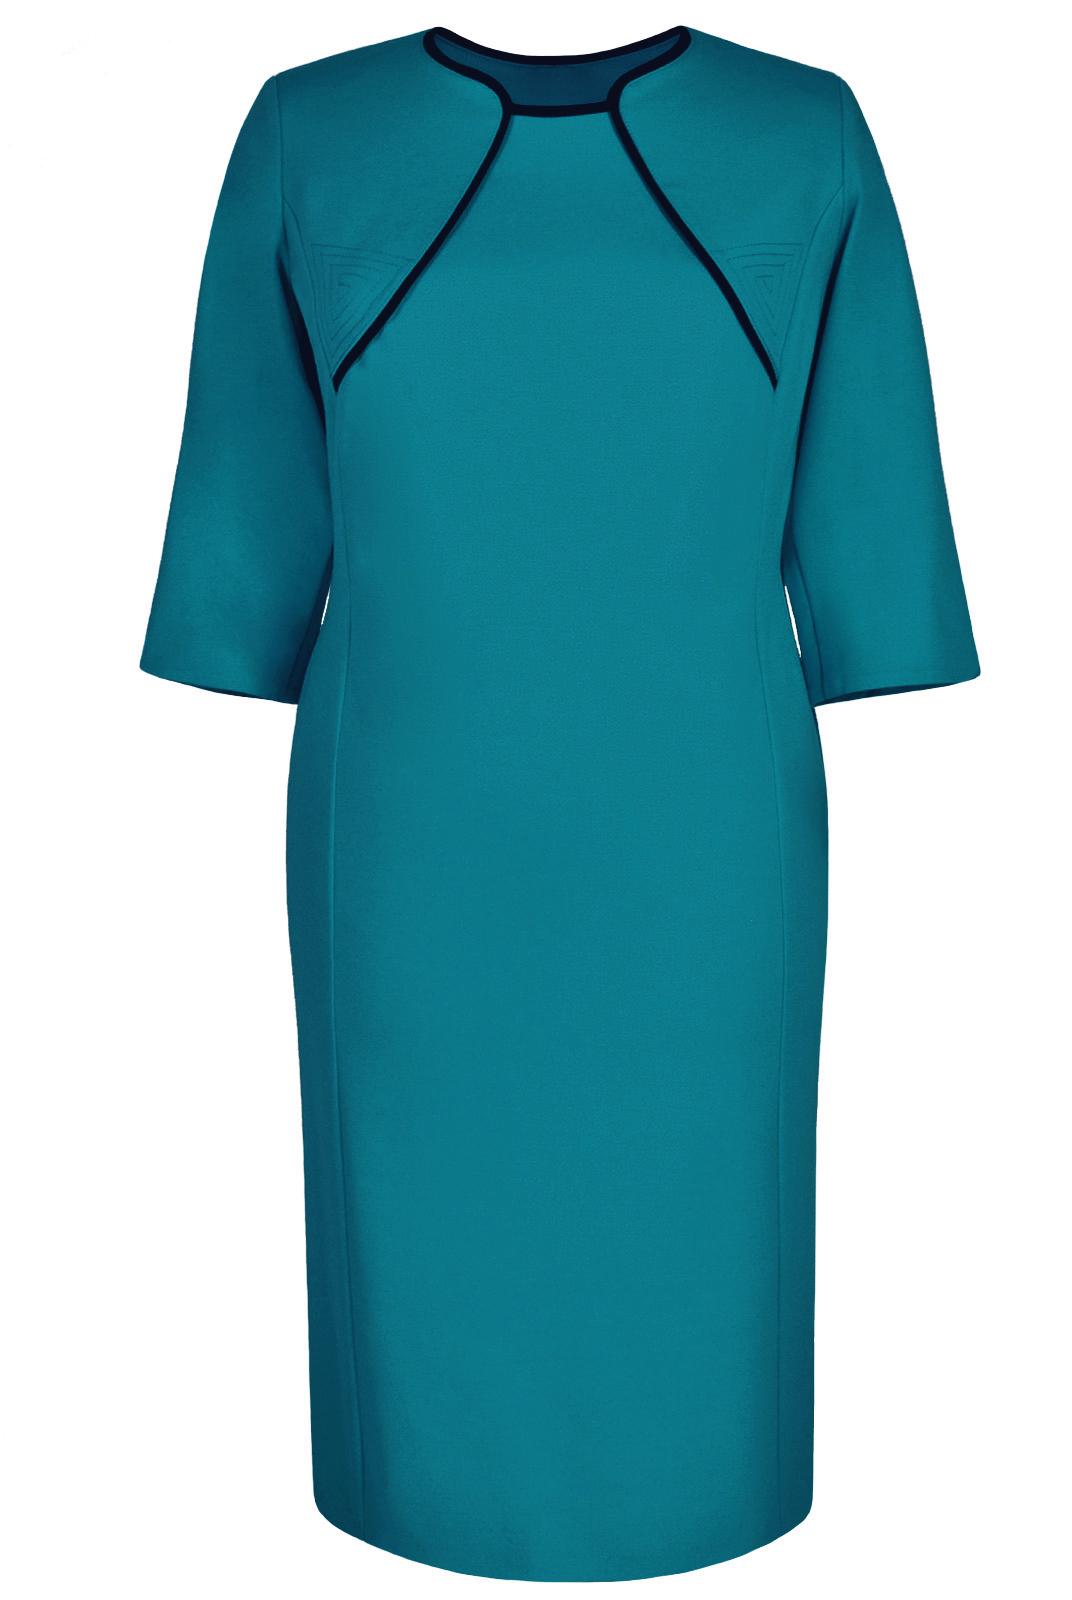 Купить женское платье костюм доставка